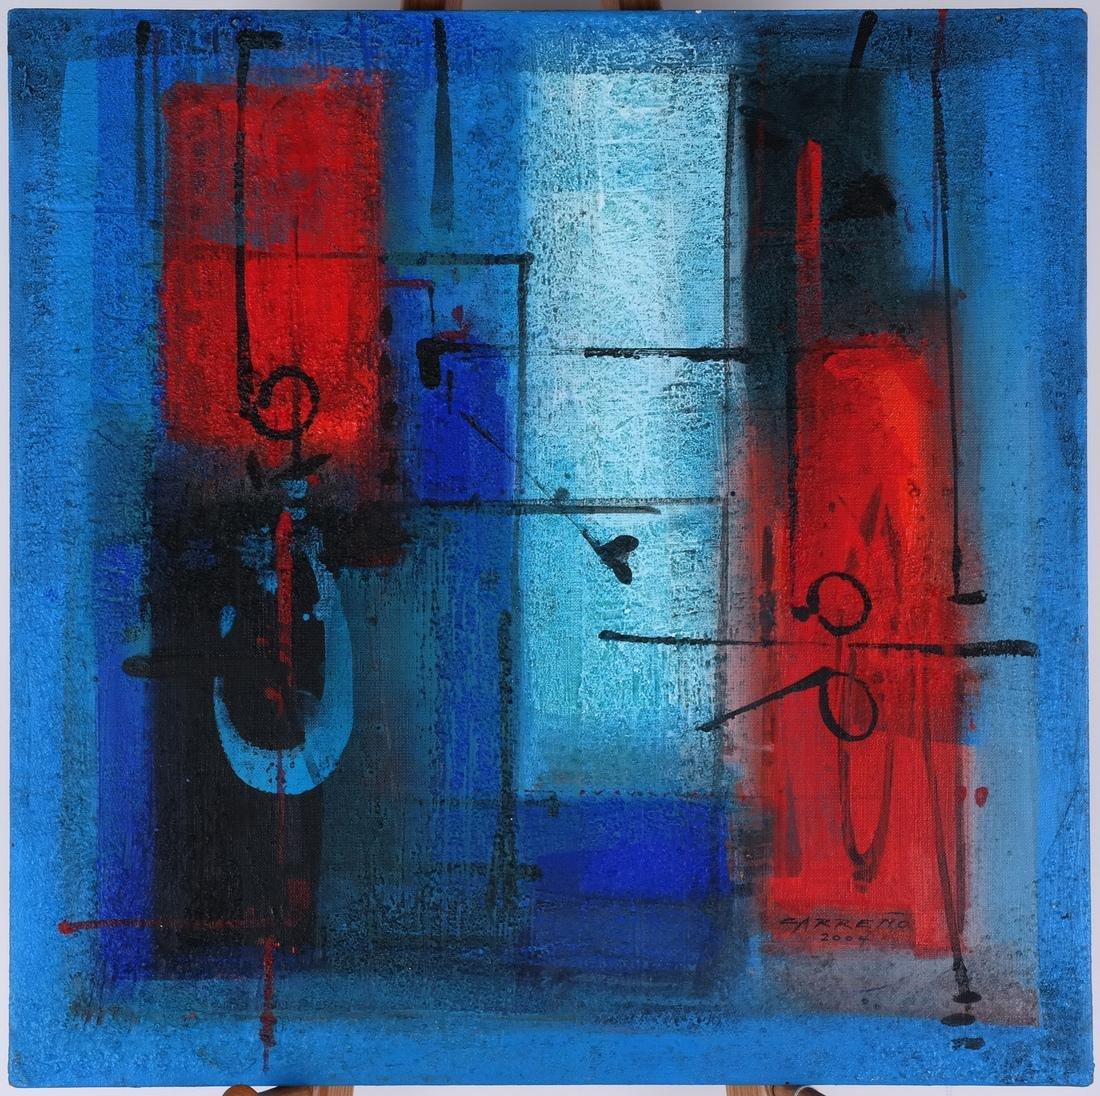 Antonio Carreño: Blue Cycle I, 2004 - 2